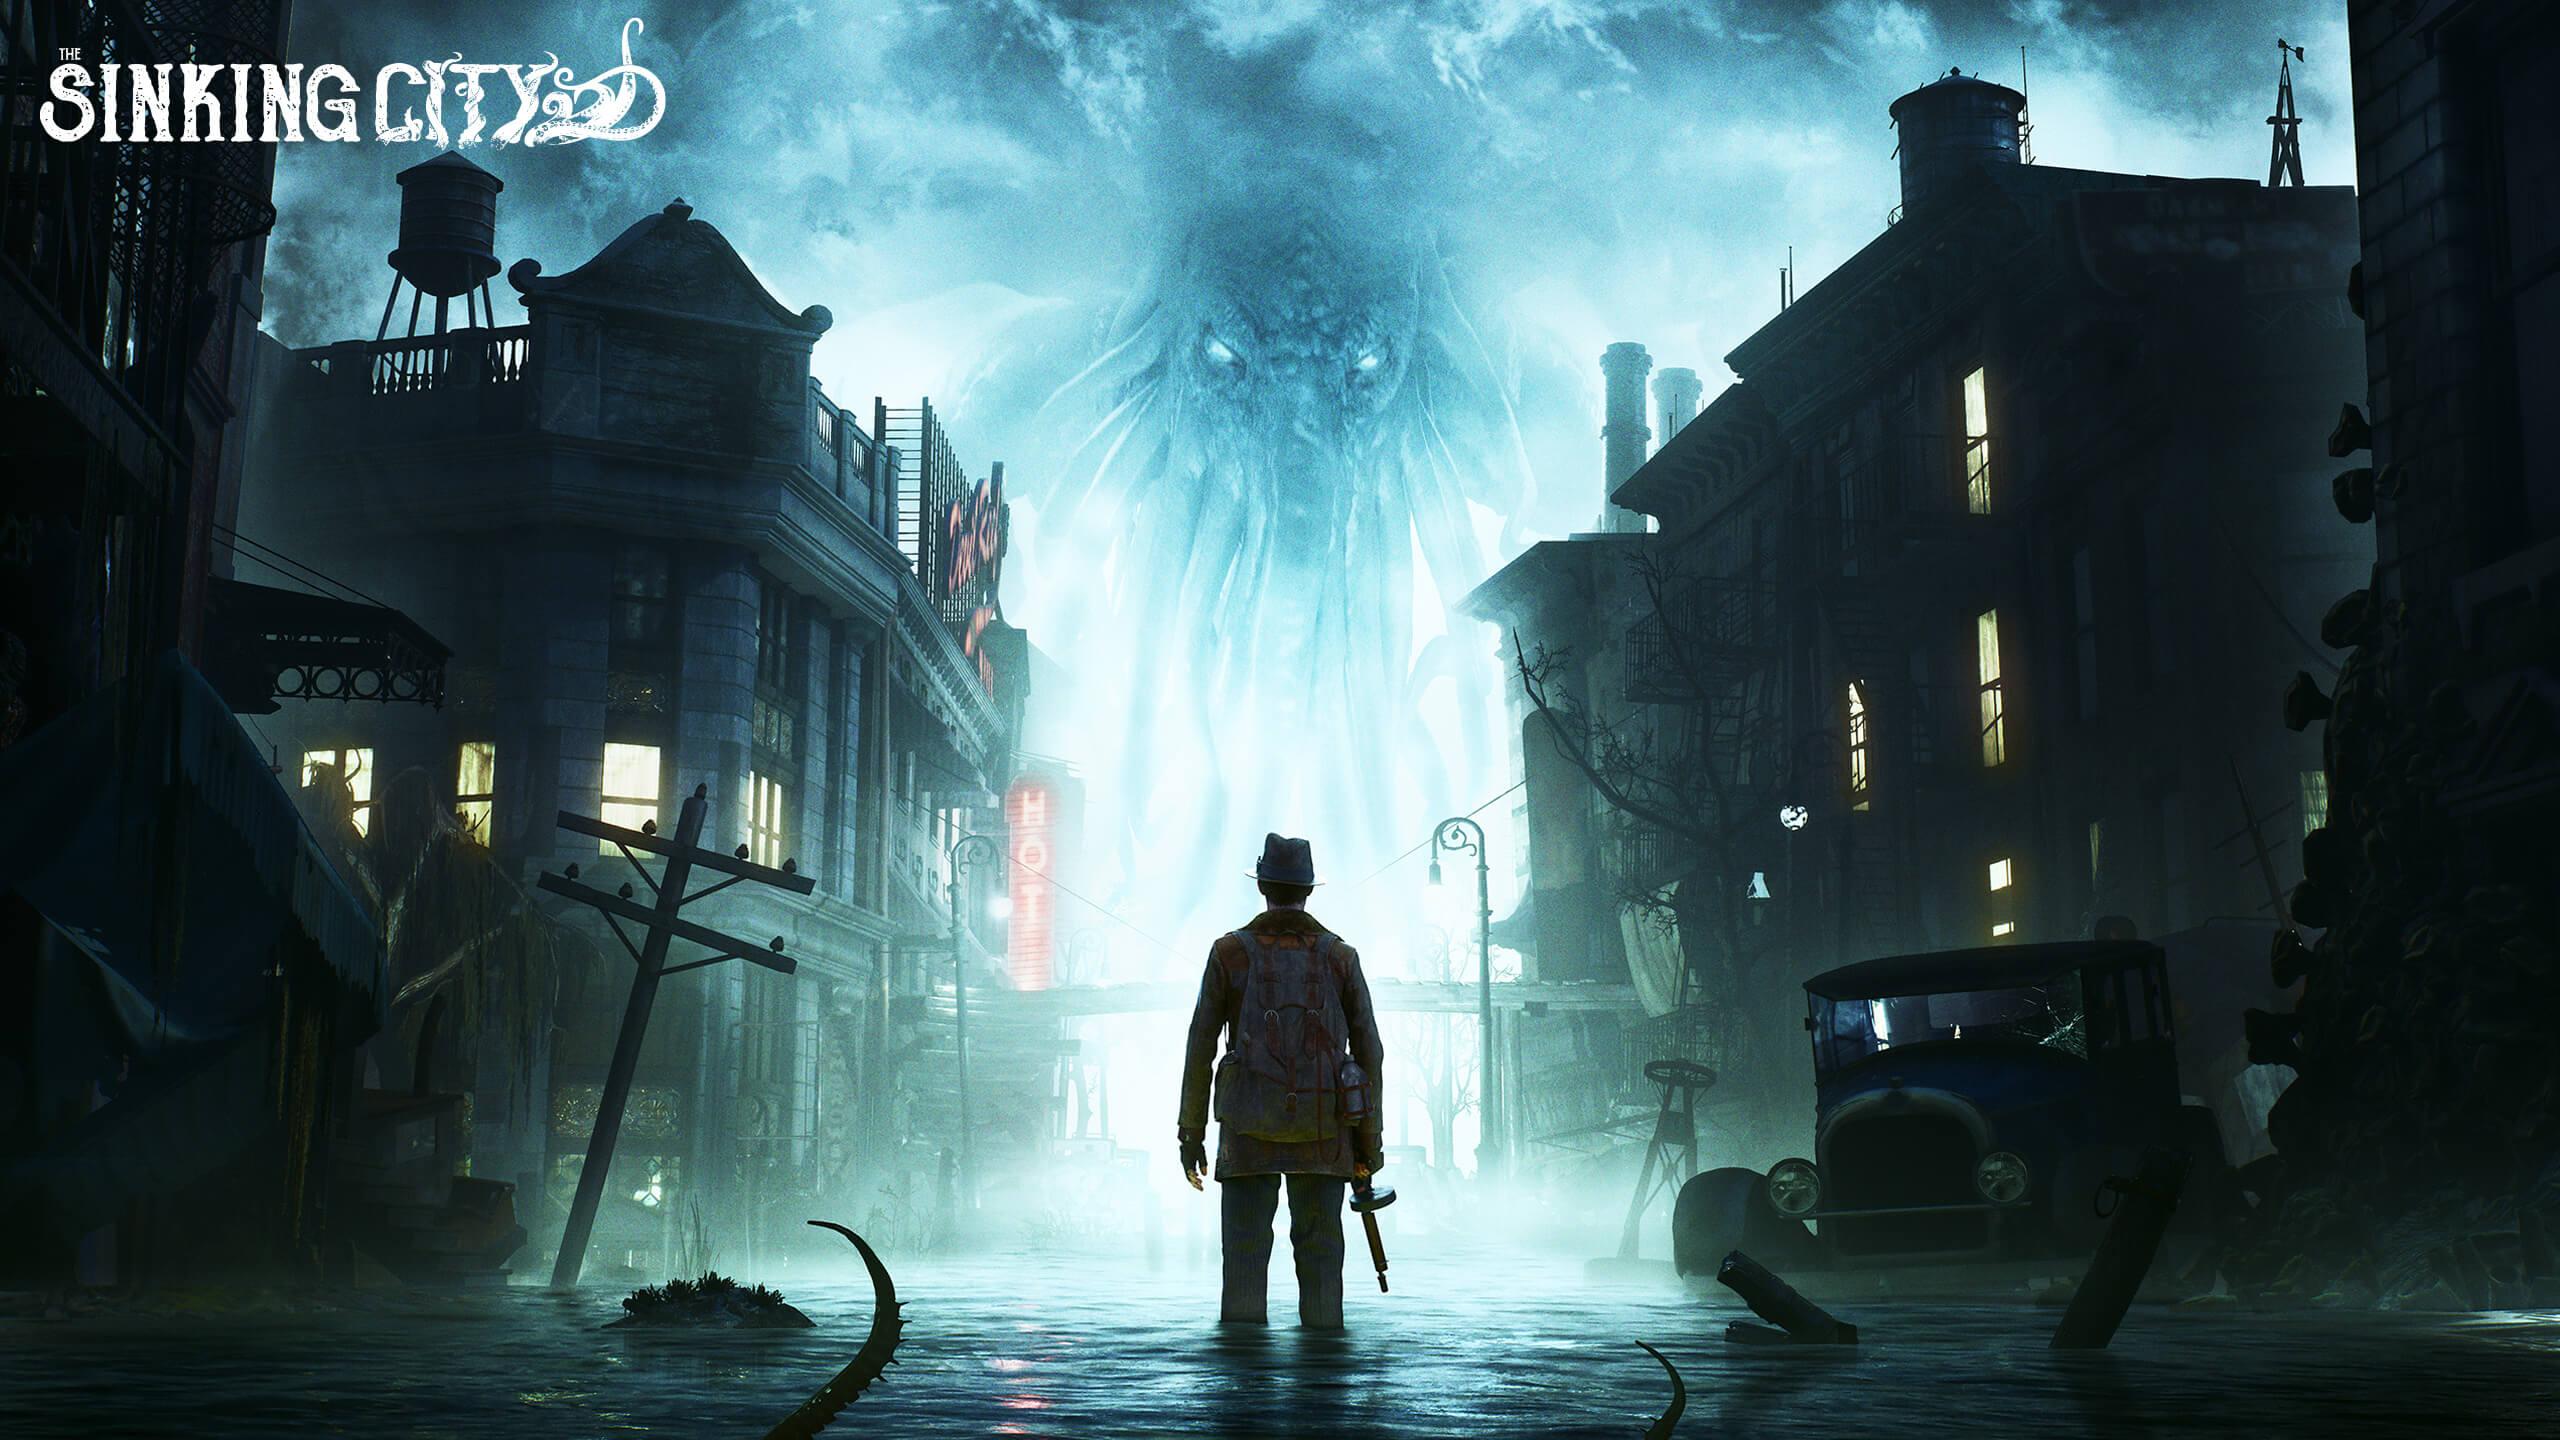 《沉没之城》将推出PS5版本 仍是纠纷下架状态